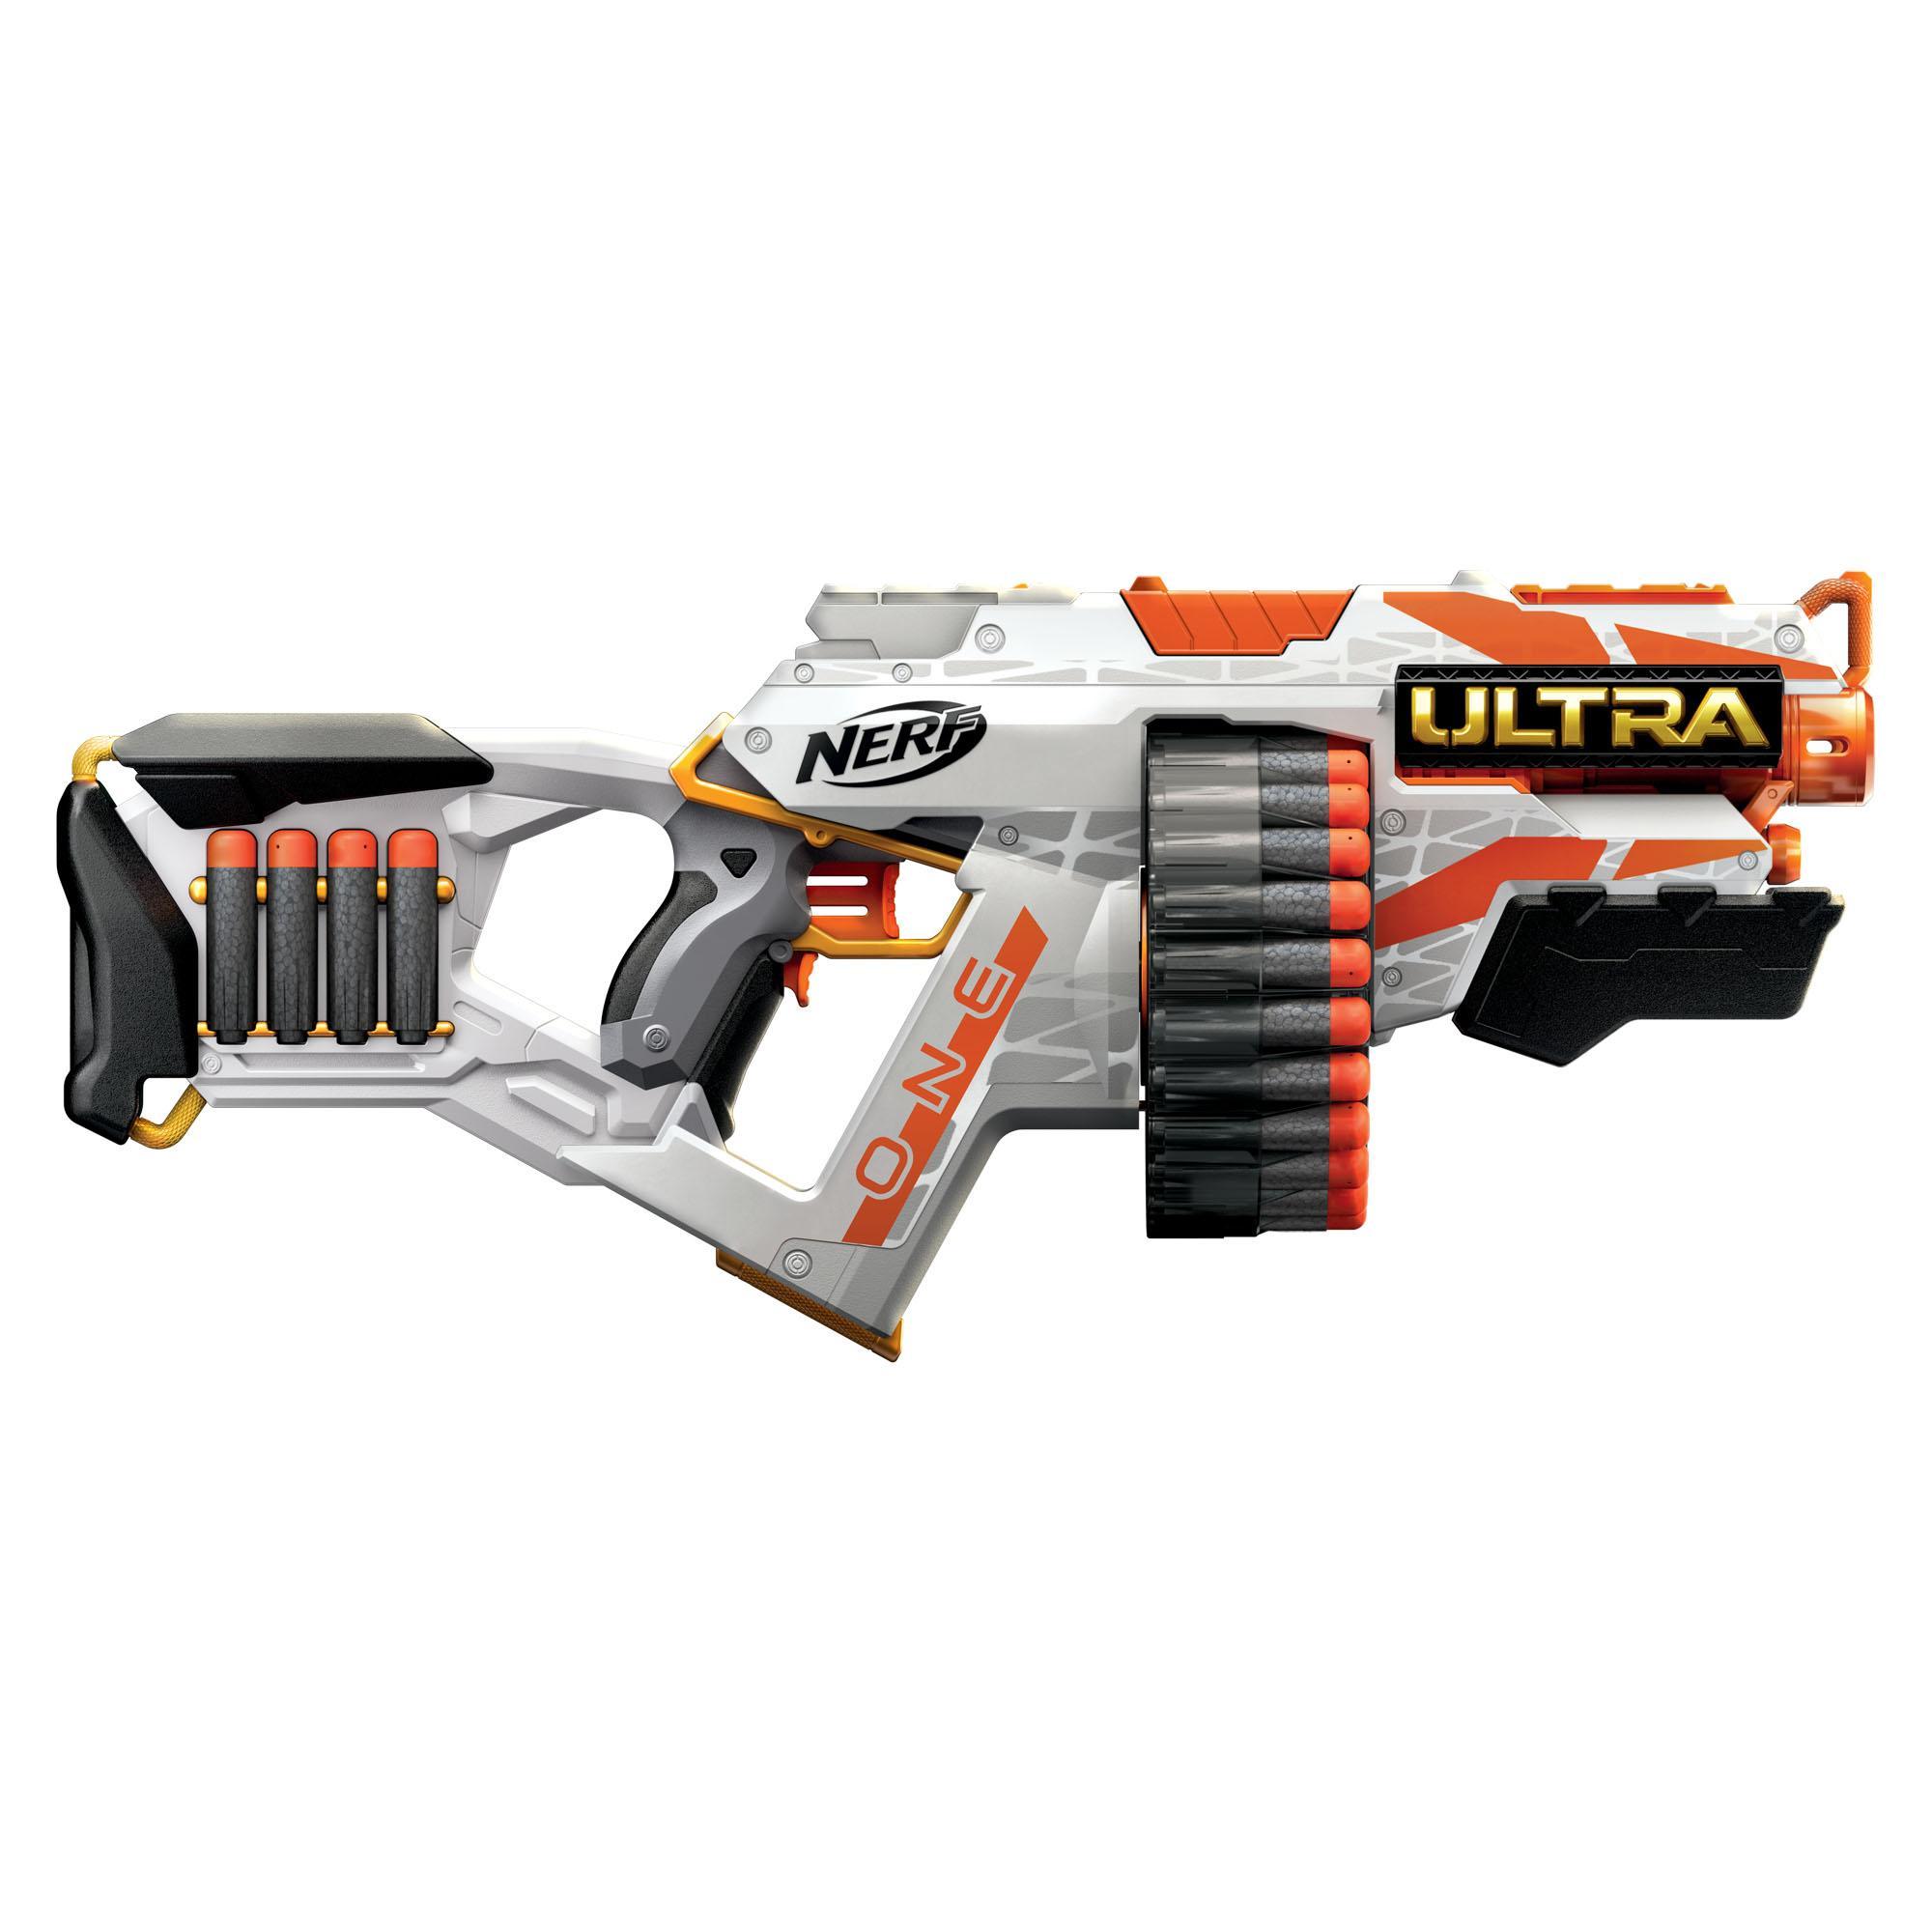 Nerf Ultra One motoriserad blaster, 25 Nerf Ultra-pilar – Fungerar endast med Nerf Ultra One-pilar